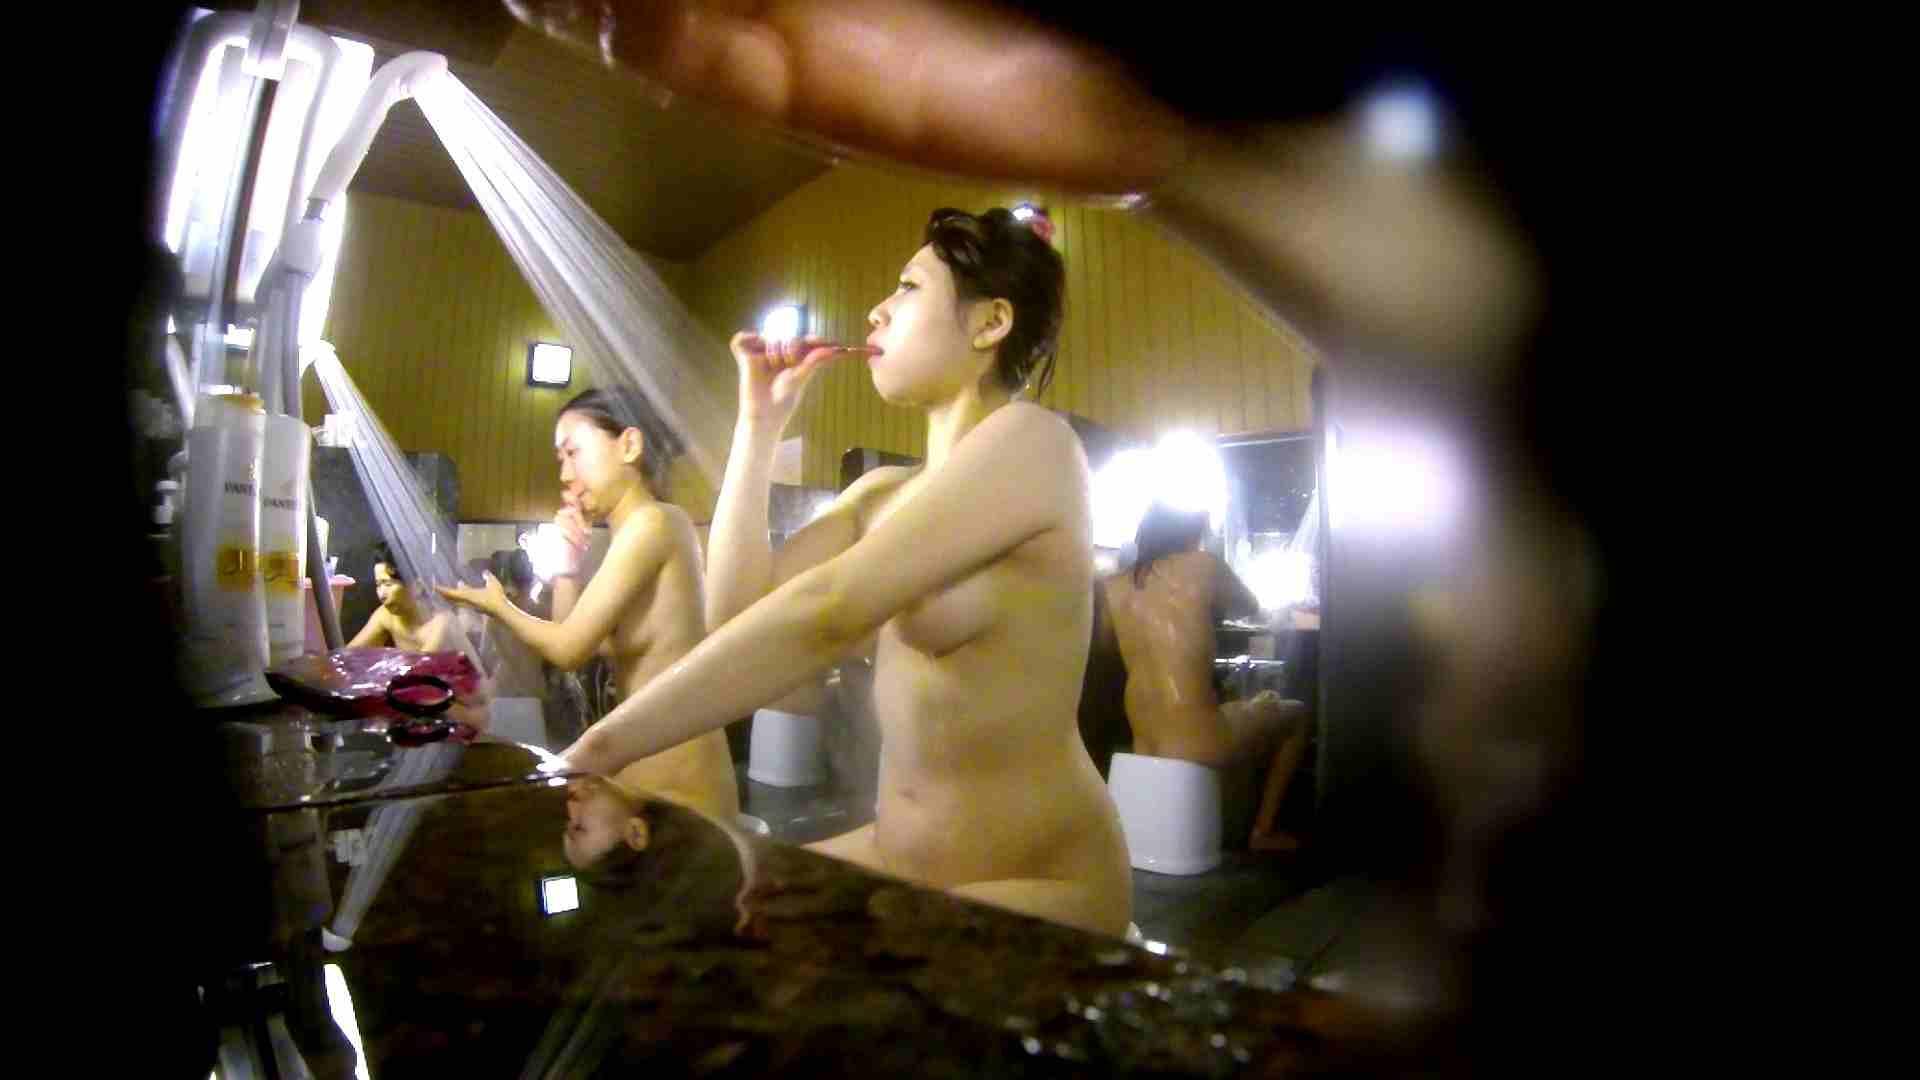 洗い場!柔らかそうな身体は良いけど、歯磨きが下品です。 銭湯特撮 | エロくん潜入  39連発 3